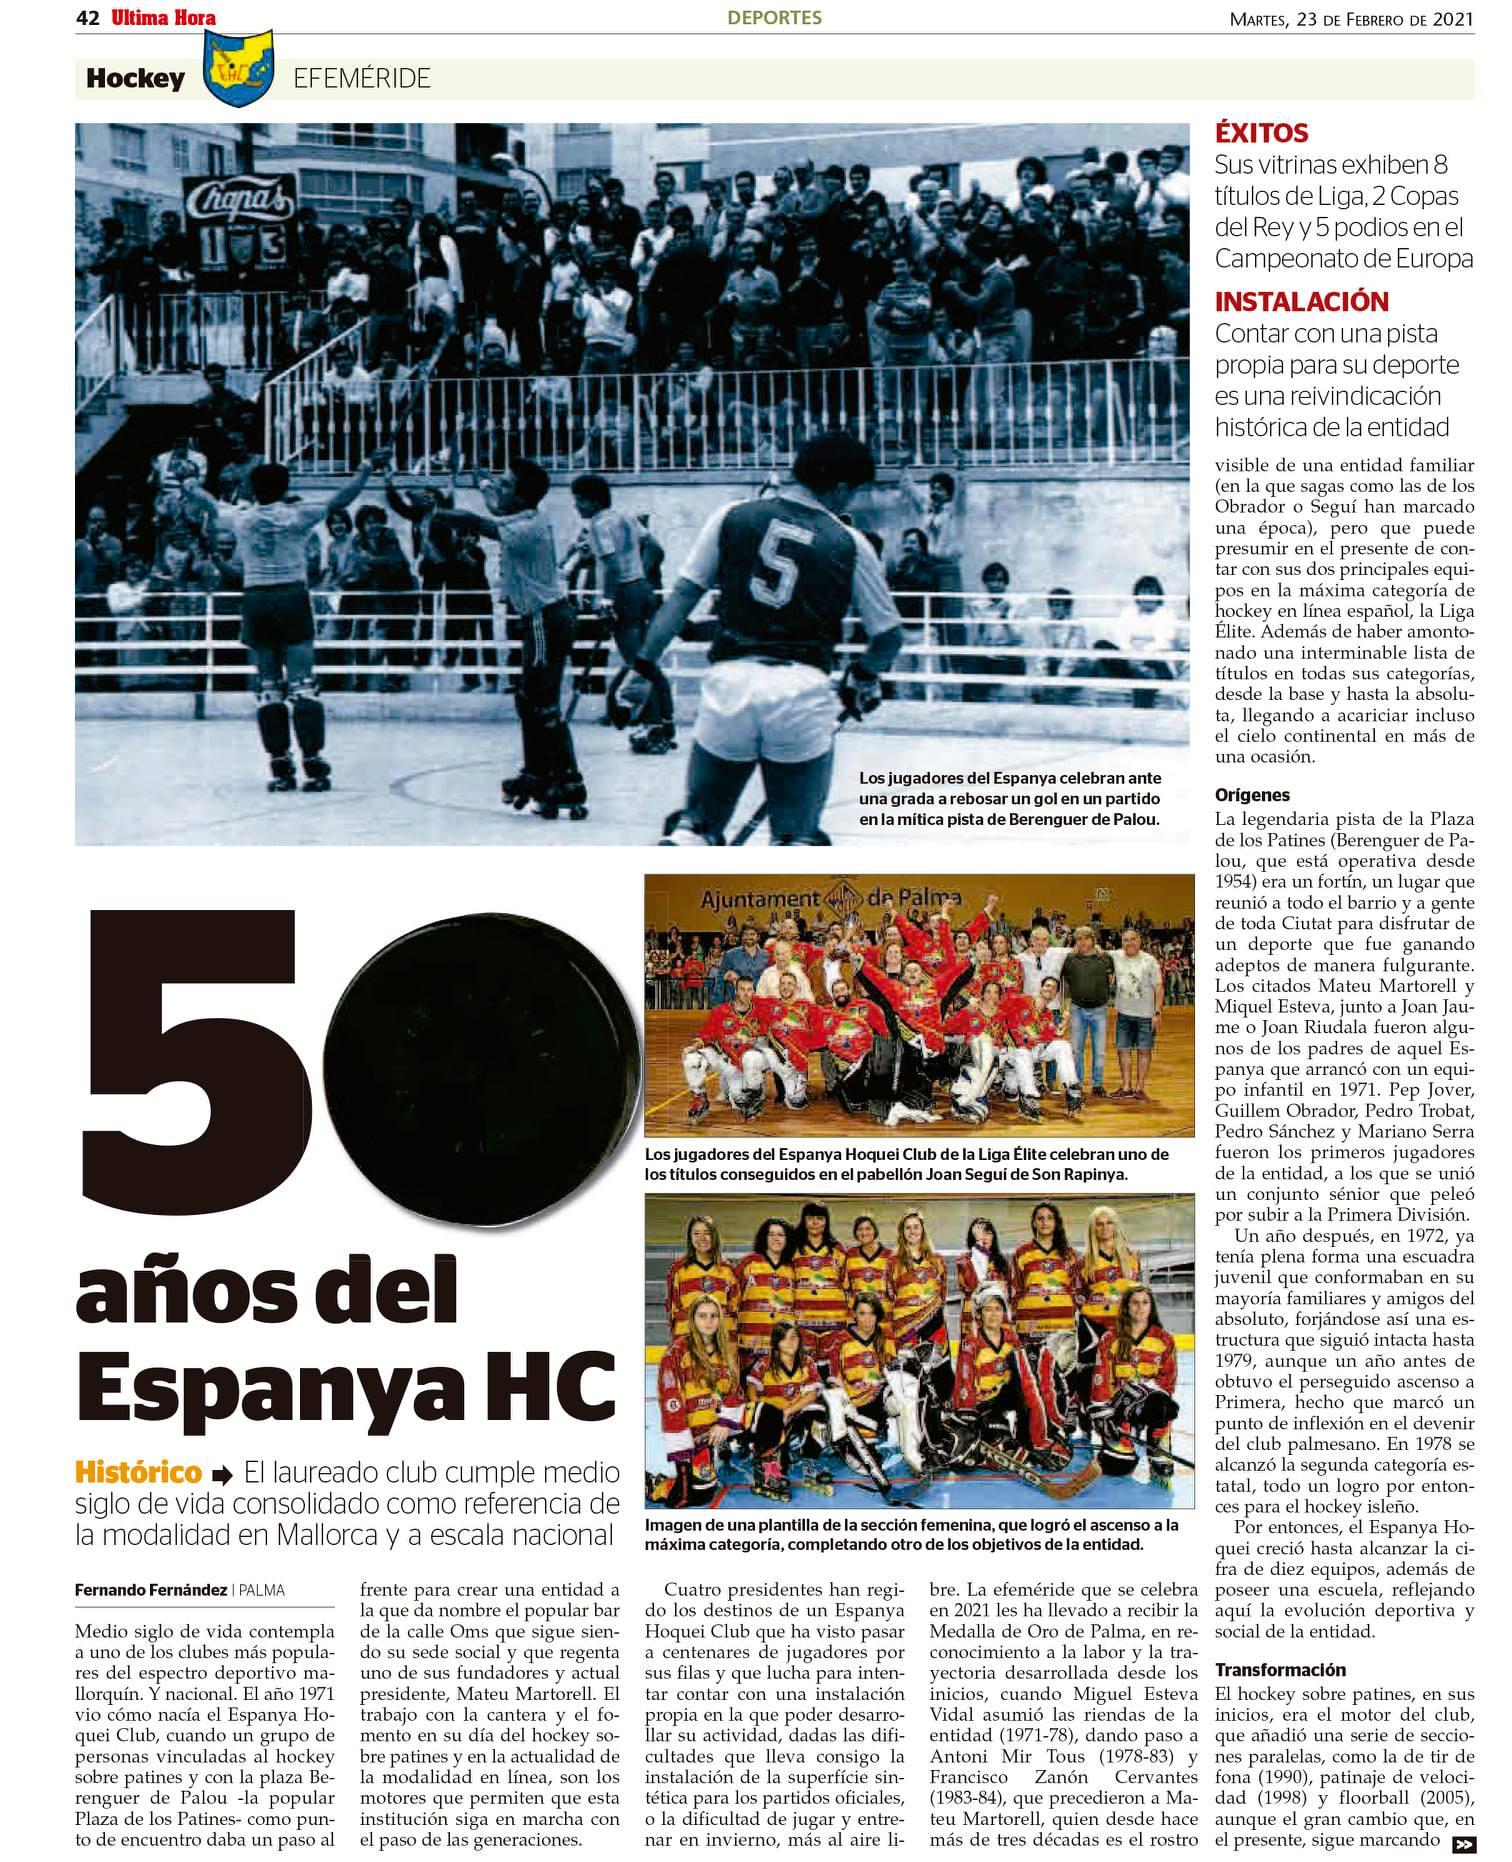 50 años del Espanya HC